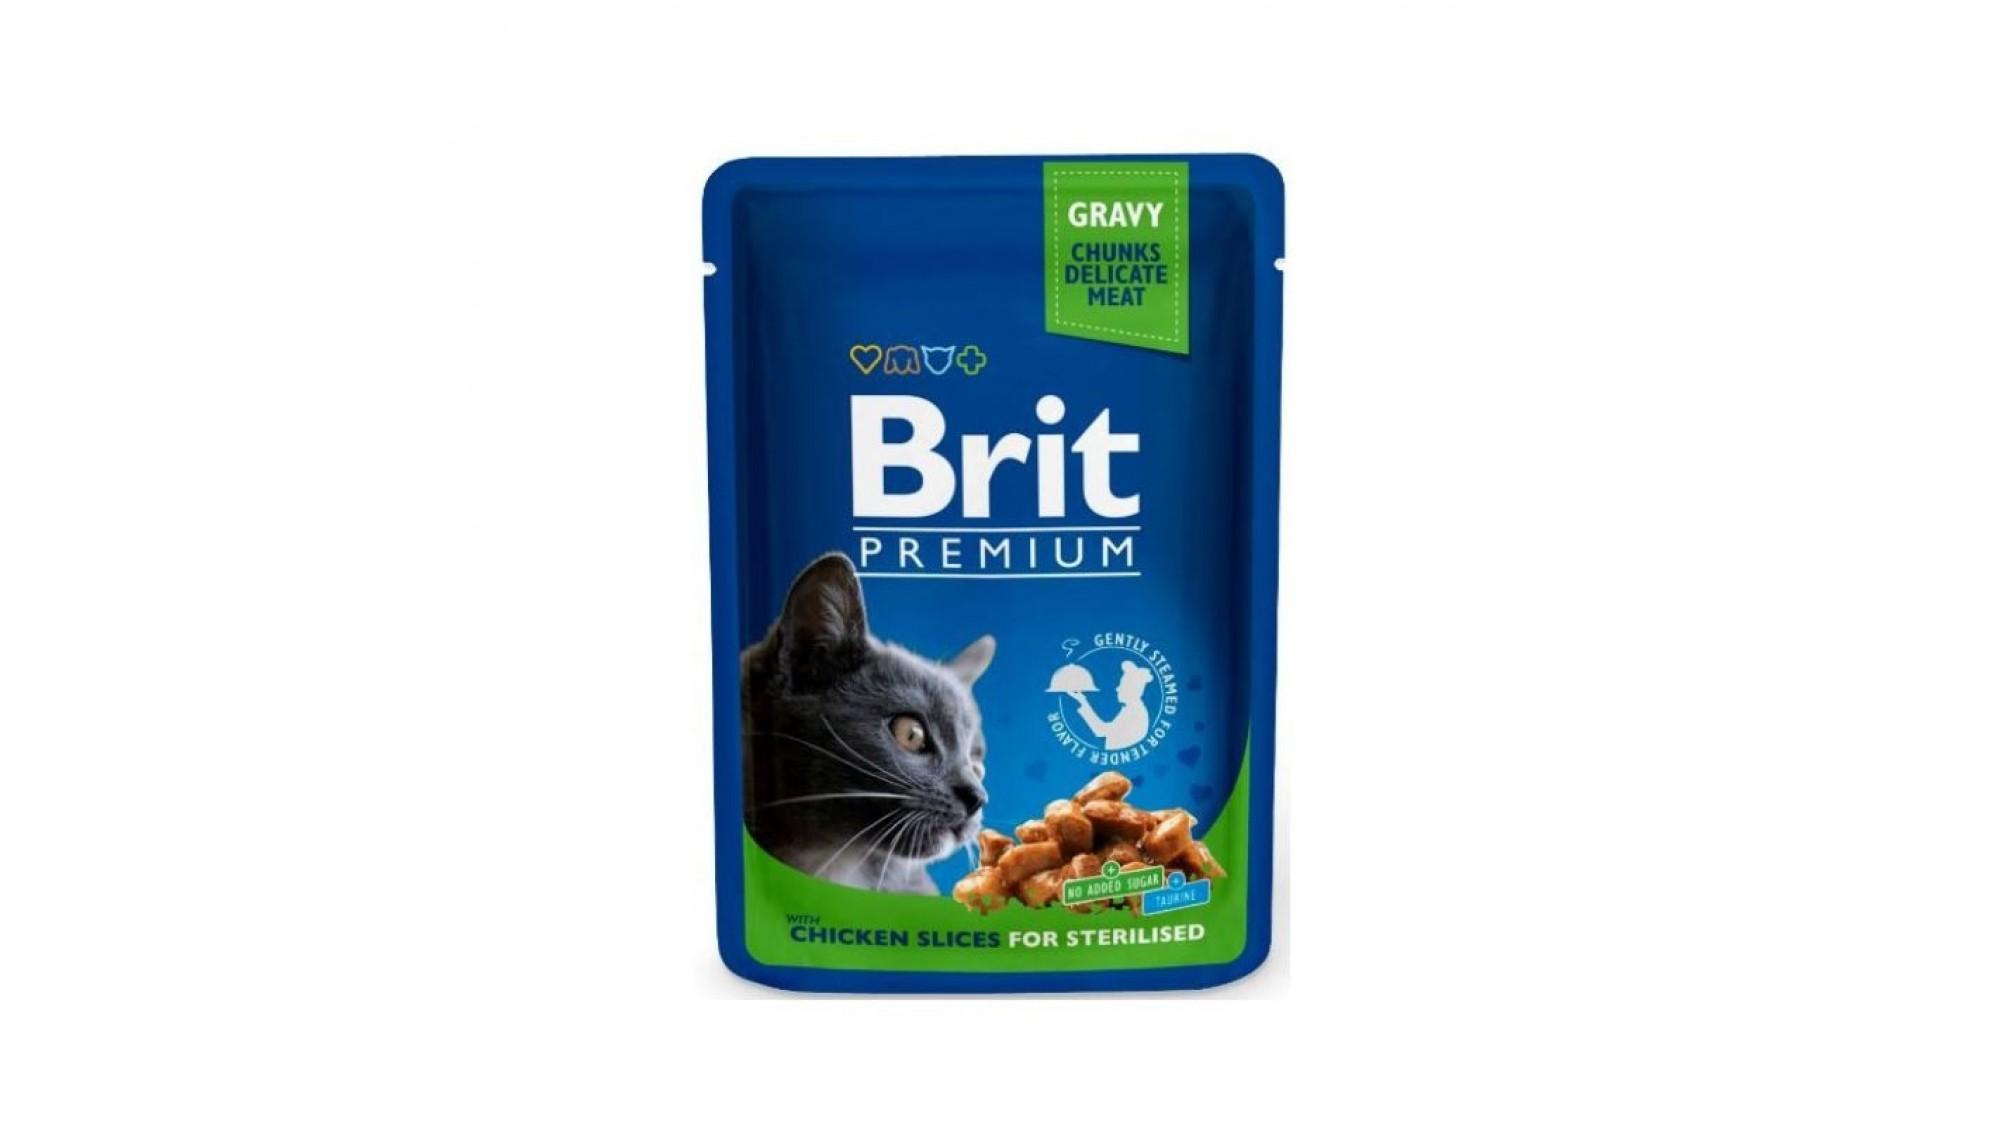 Brit Premium Plic Pisici Sterilizate cu Bucati de Pui 100 Gr 6 Plus 2 Gratis shop4pet.ro